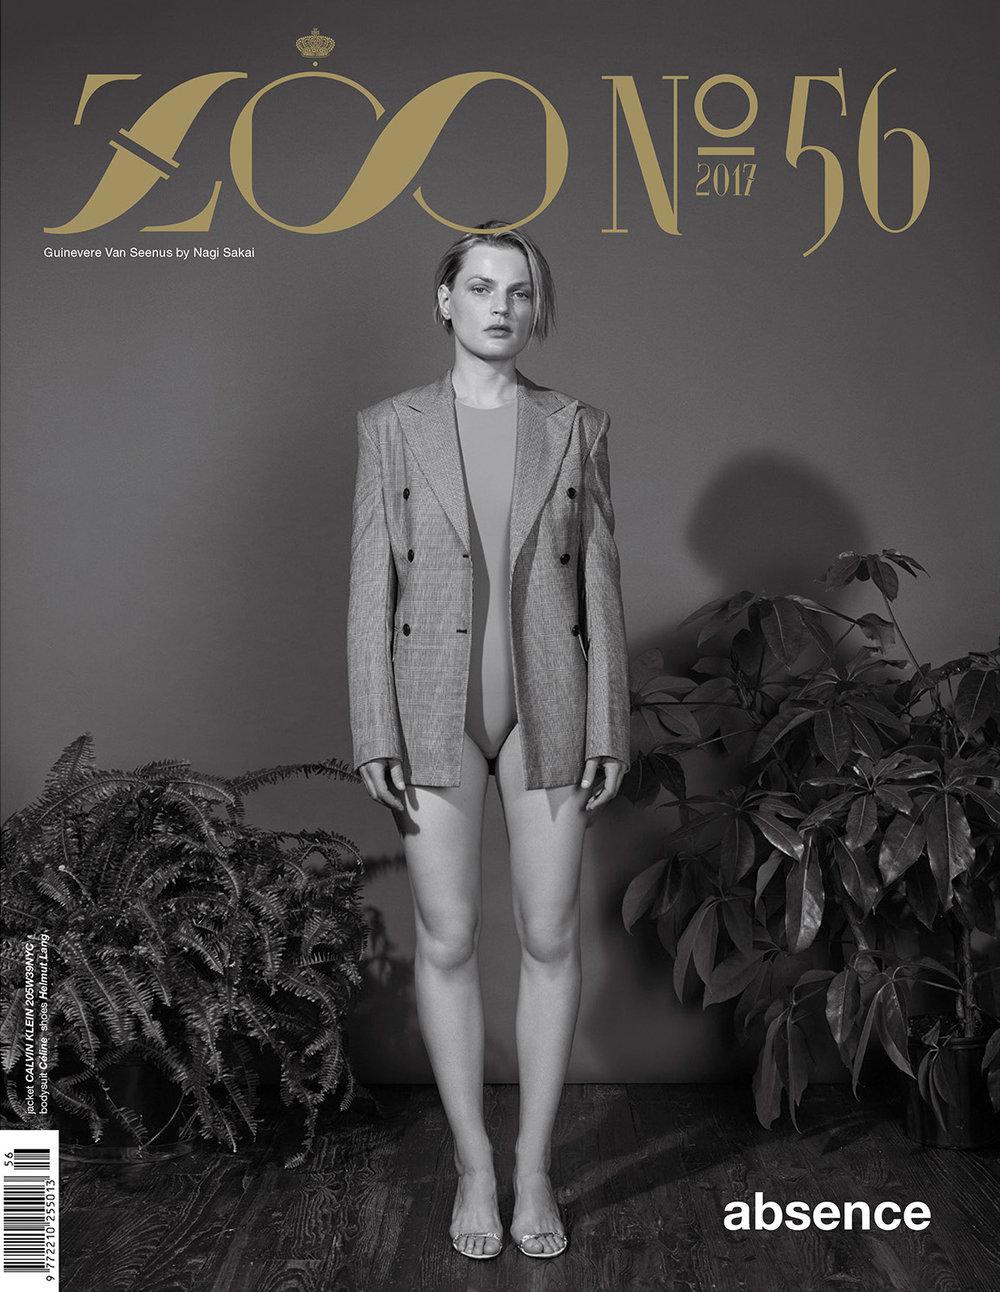 ro_ZooMagazine_NagiSakai_Sept17_layout_02.jpg